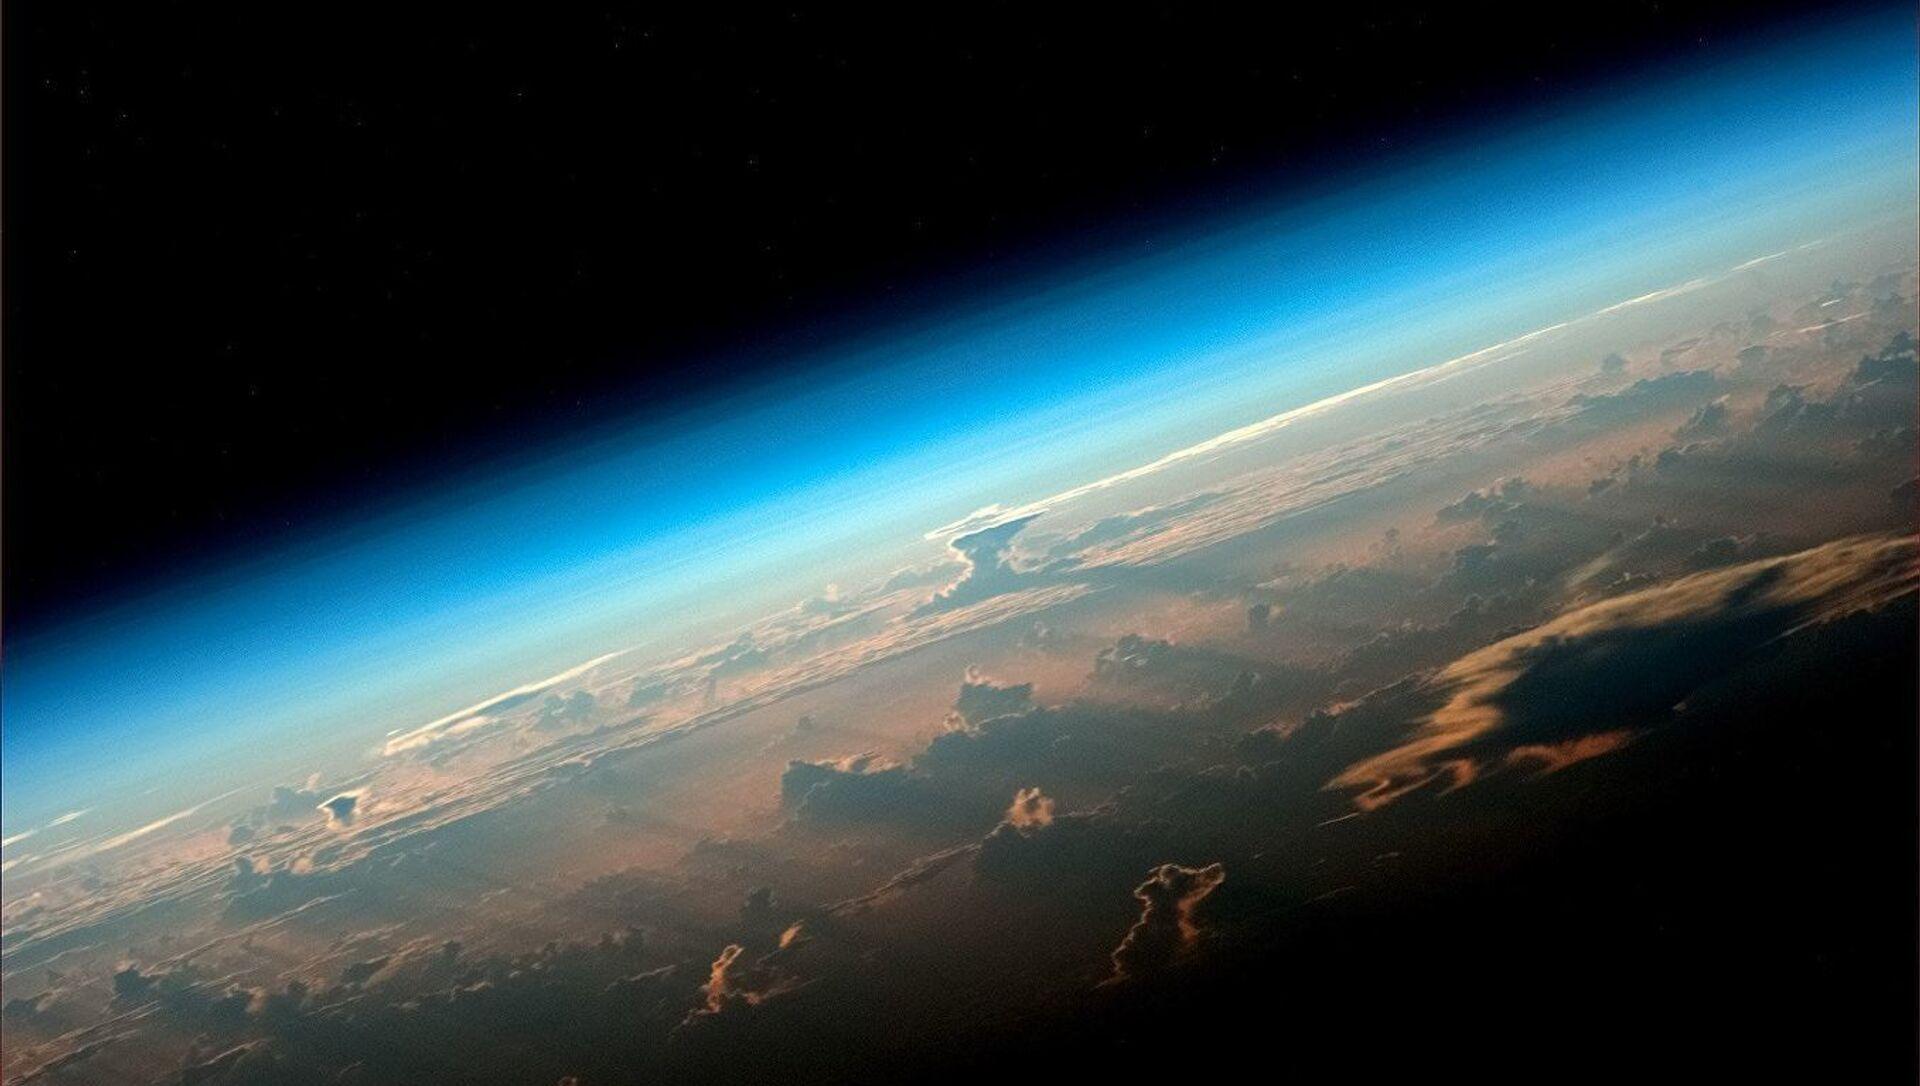 Поглед на Земљу са Међународне свемирске станице - Sputnik Србија, 1920, 27.02.2021